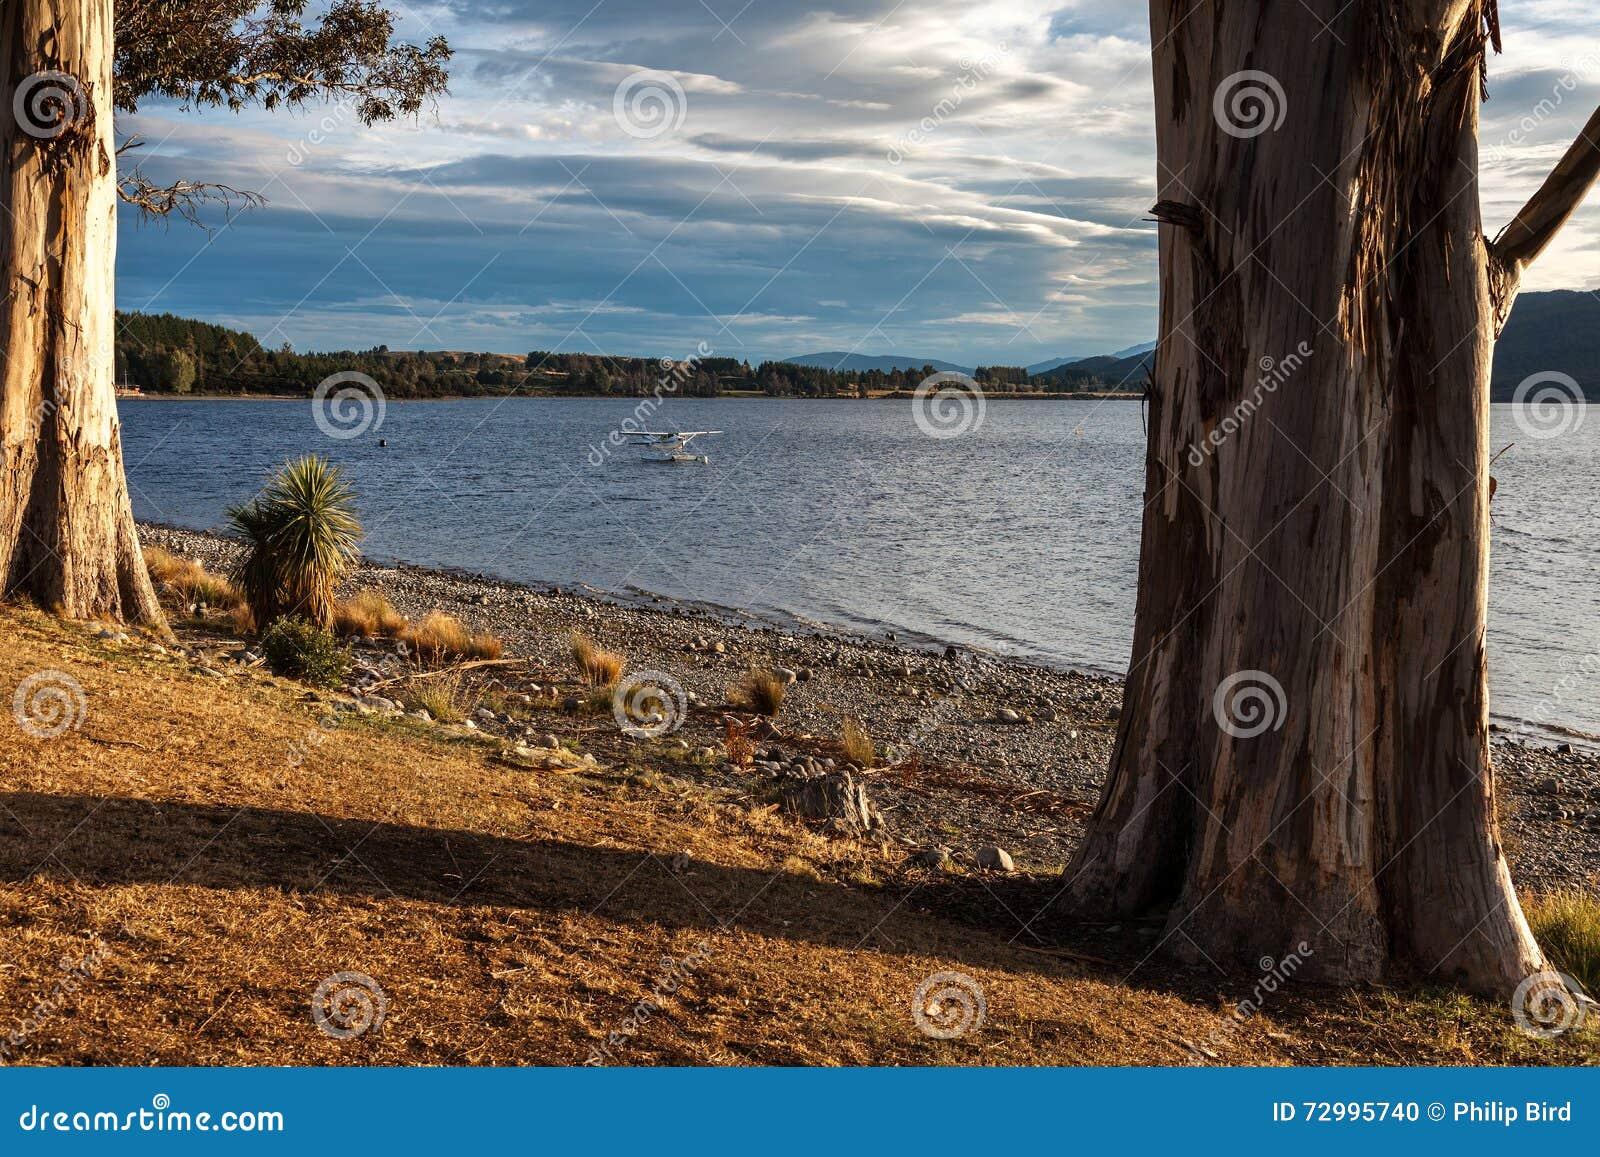 TE ANAU, FIORDLAND/NUEVA ZELANDA - 17 DE FEBRERO: El hidroavión amarró a